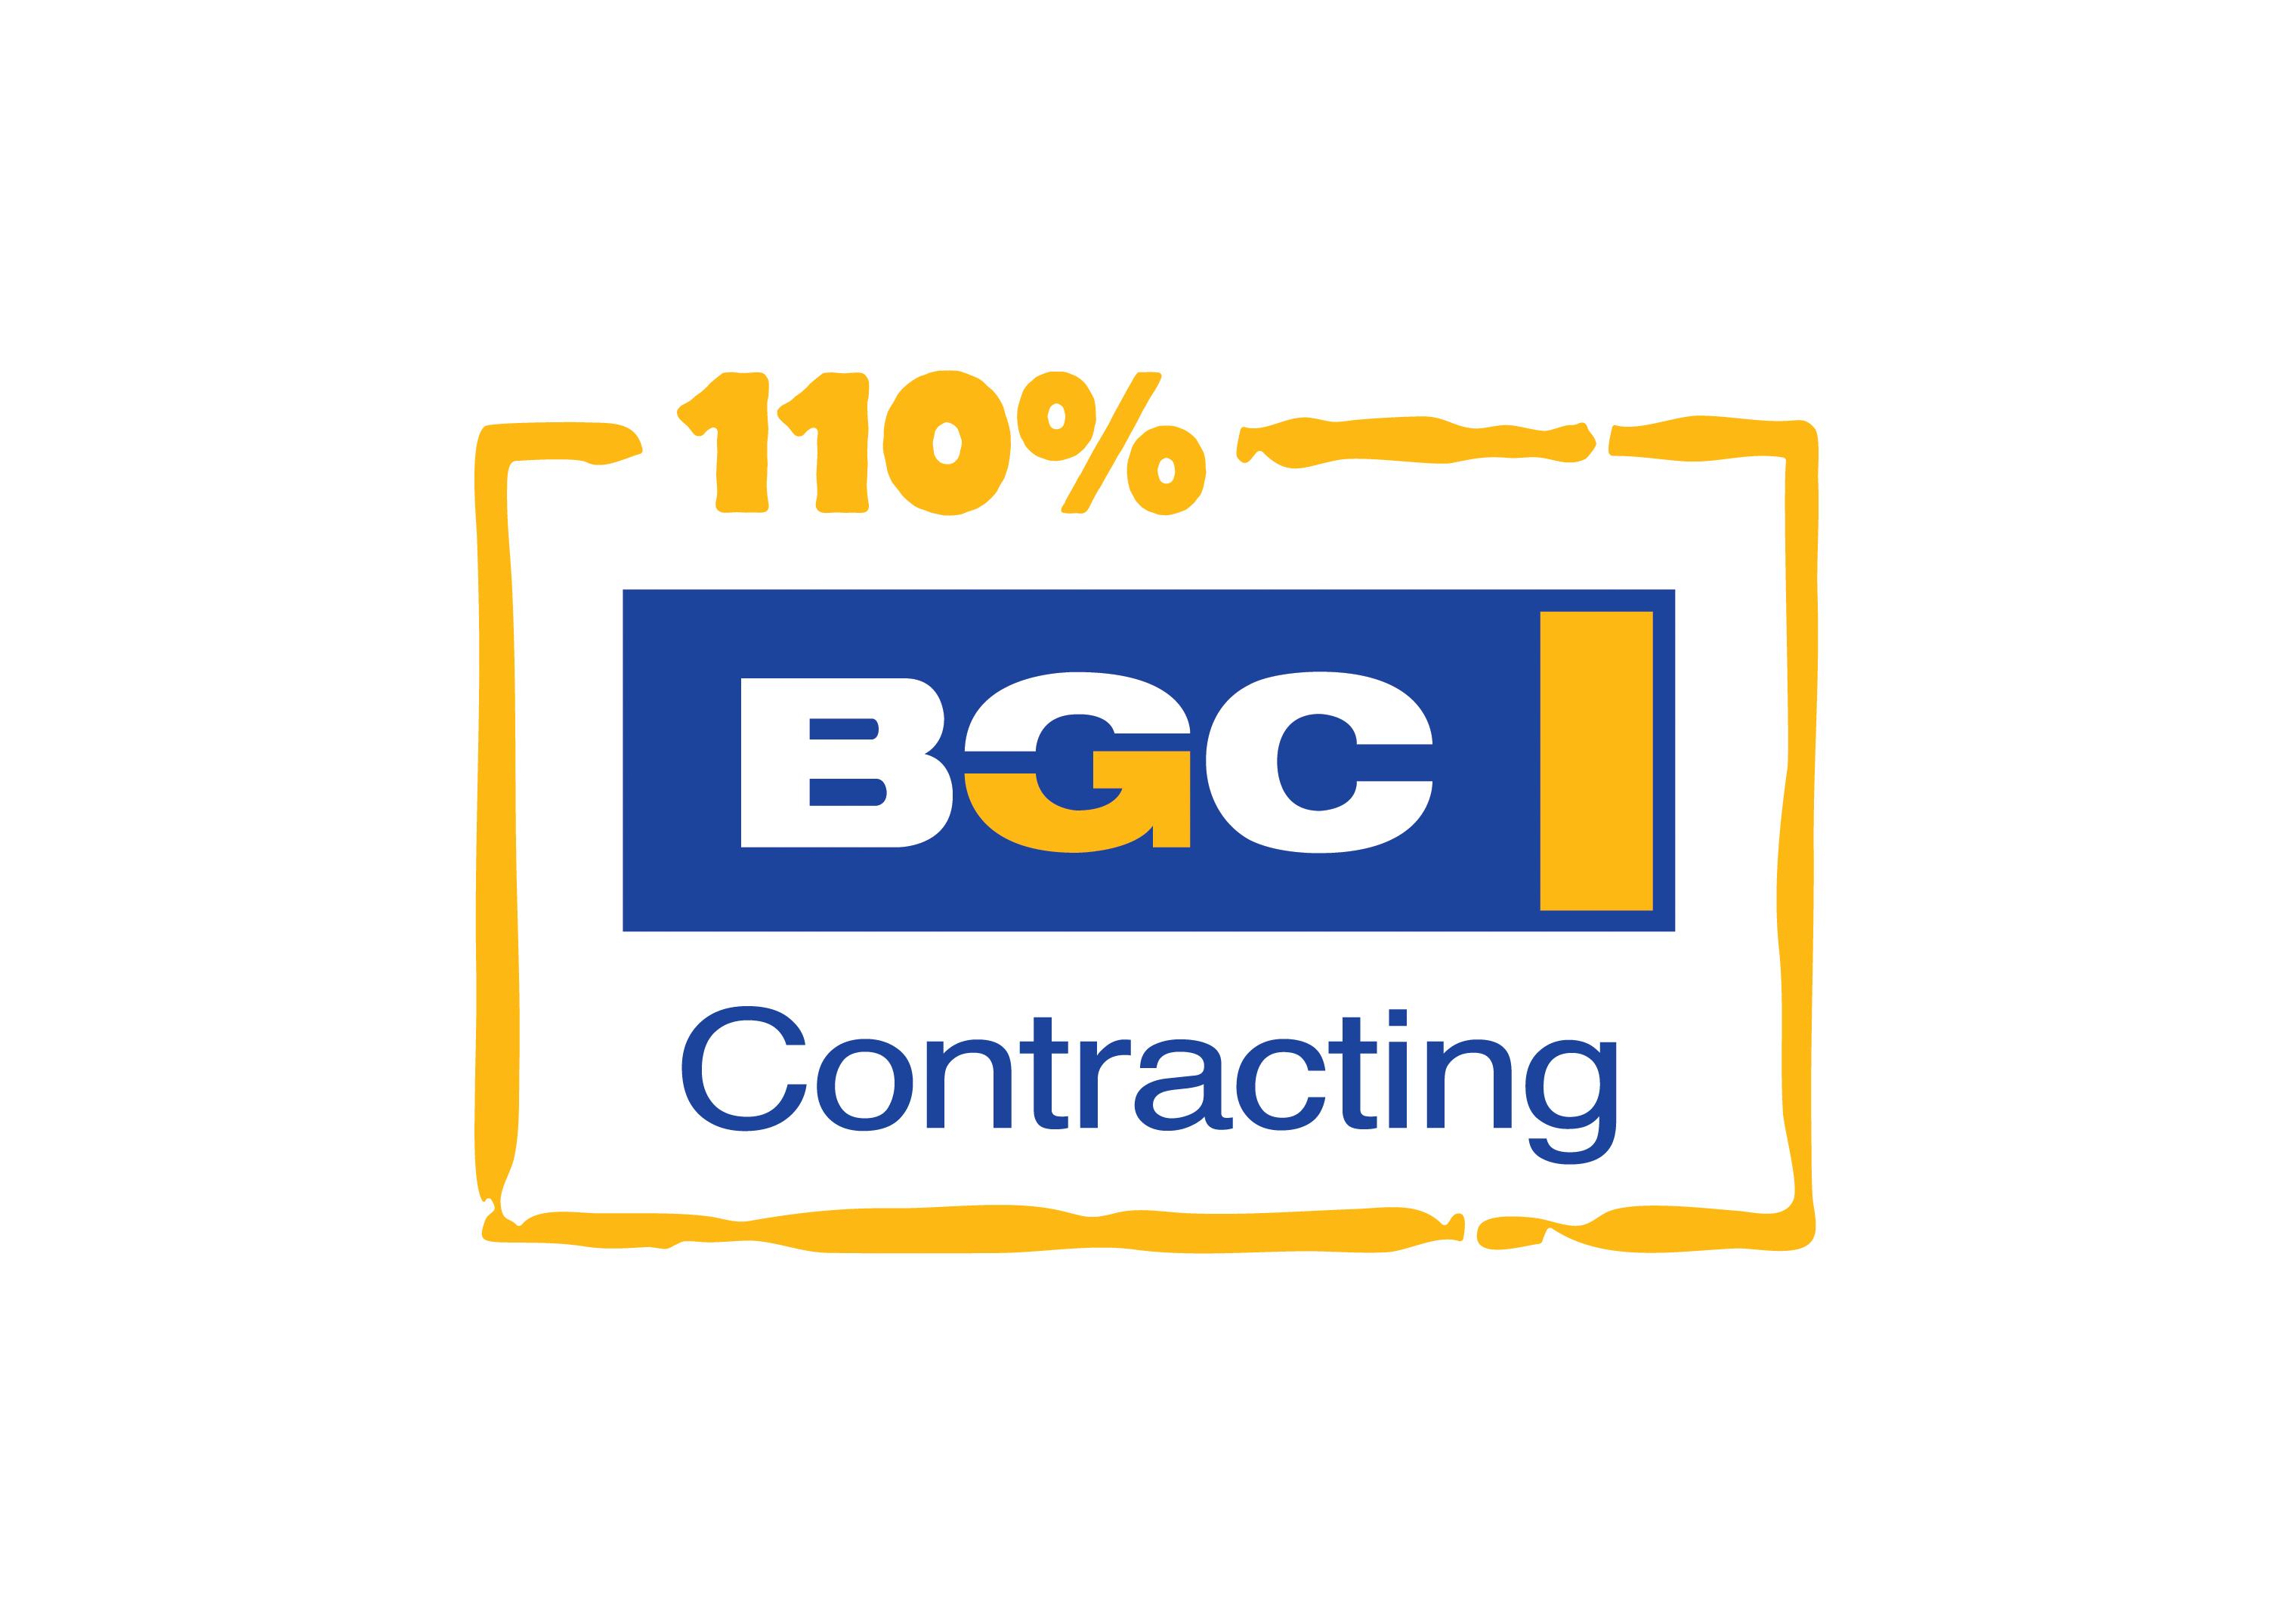 BGC Contracting